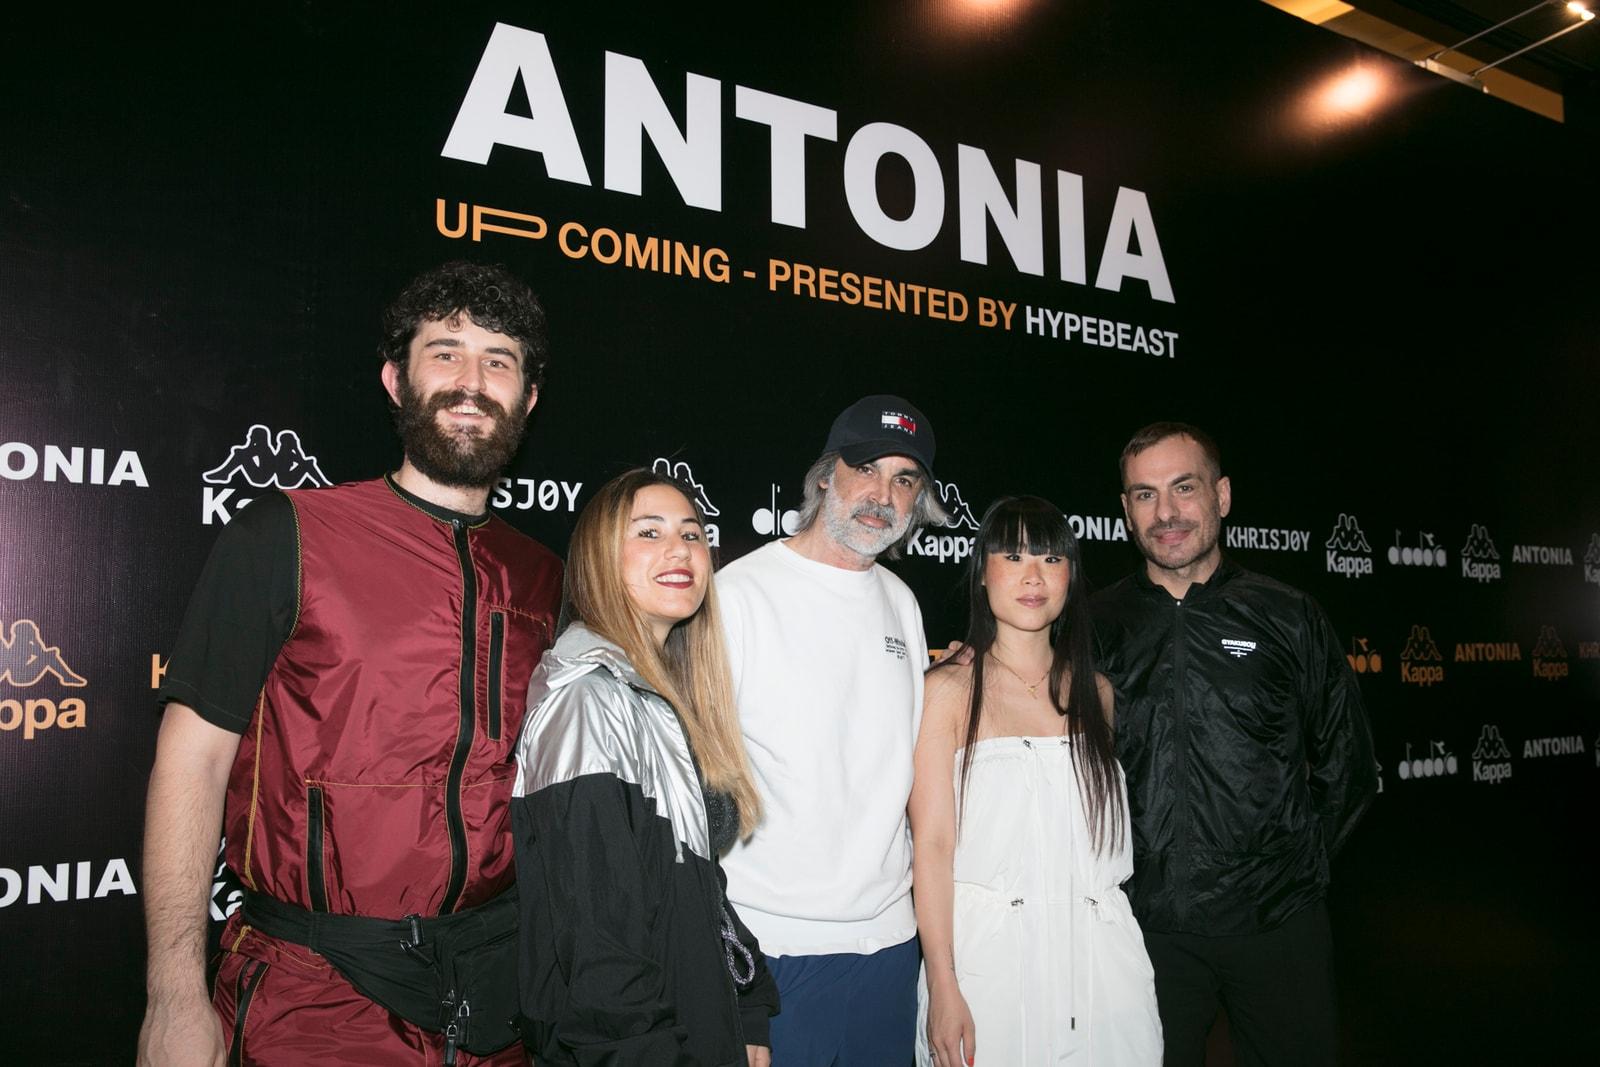 走進澳門 Antonia 的派對現場,並帶來與 Diadora、Kappa 和 Khrisjoy 之聯名單品